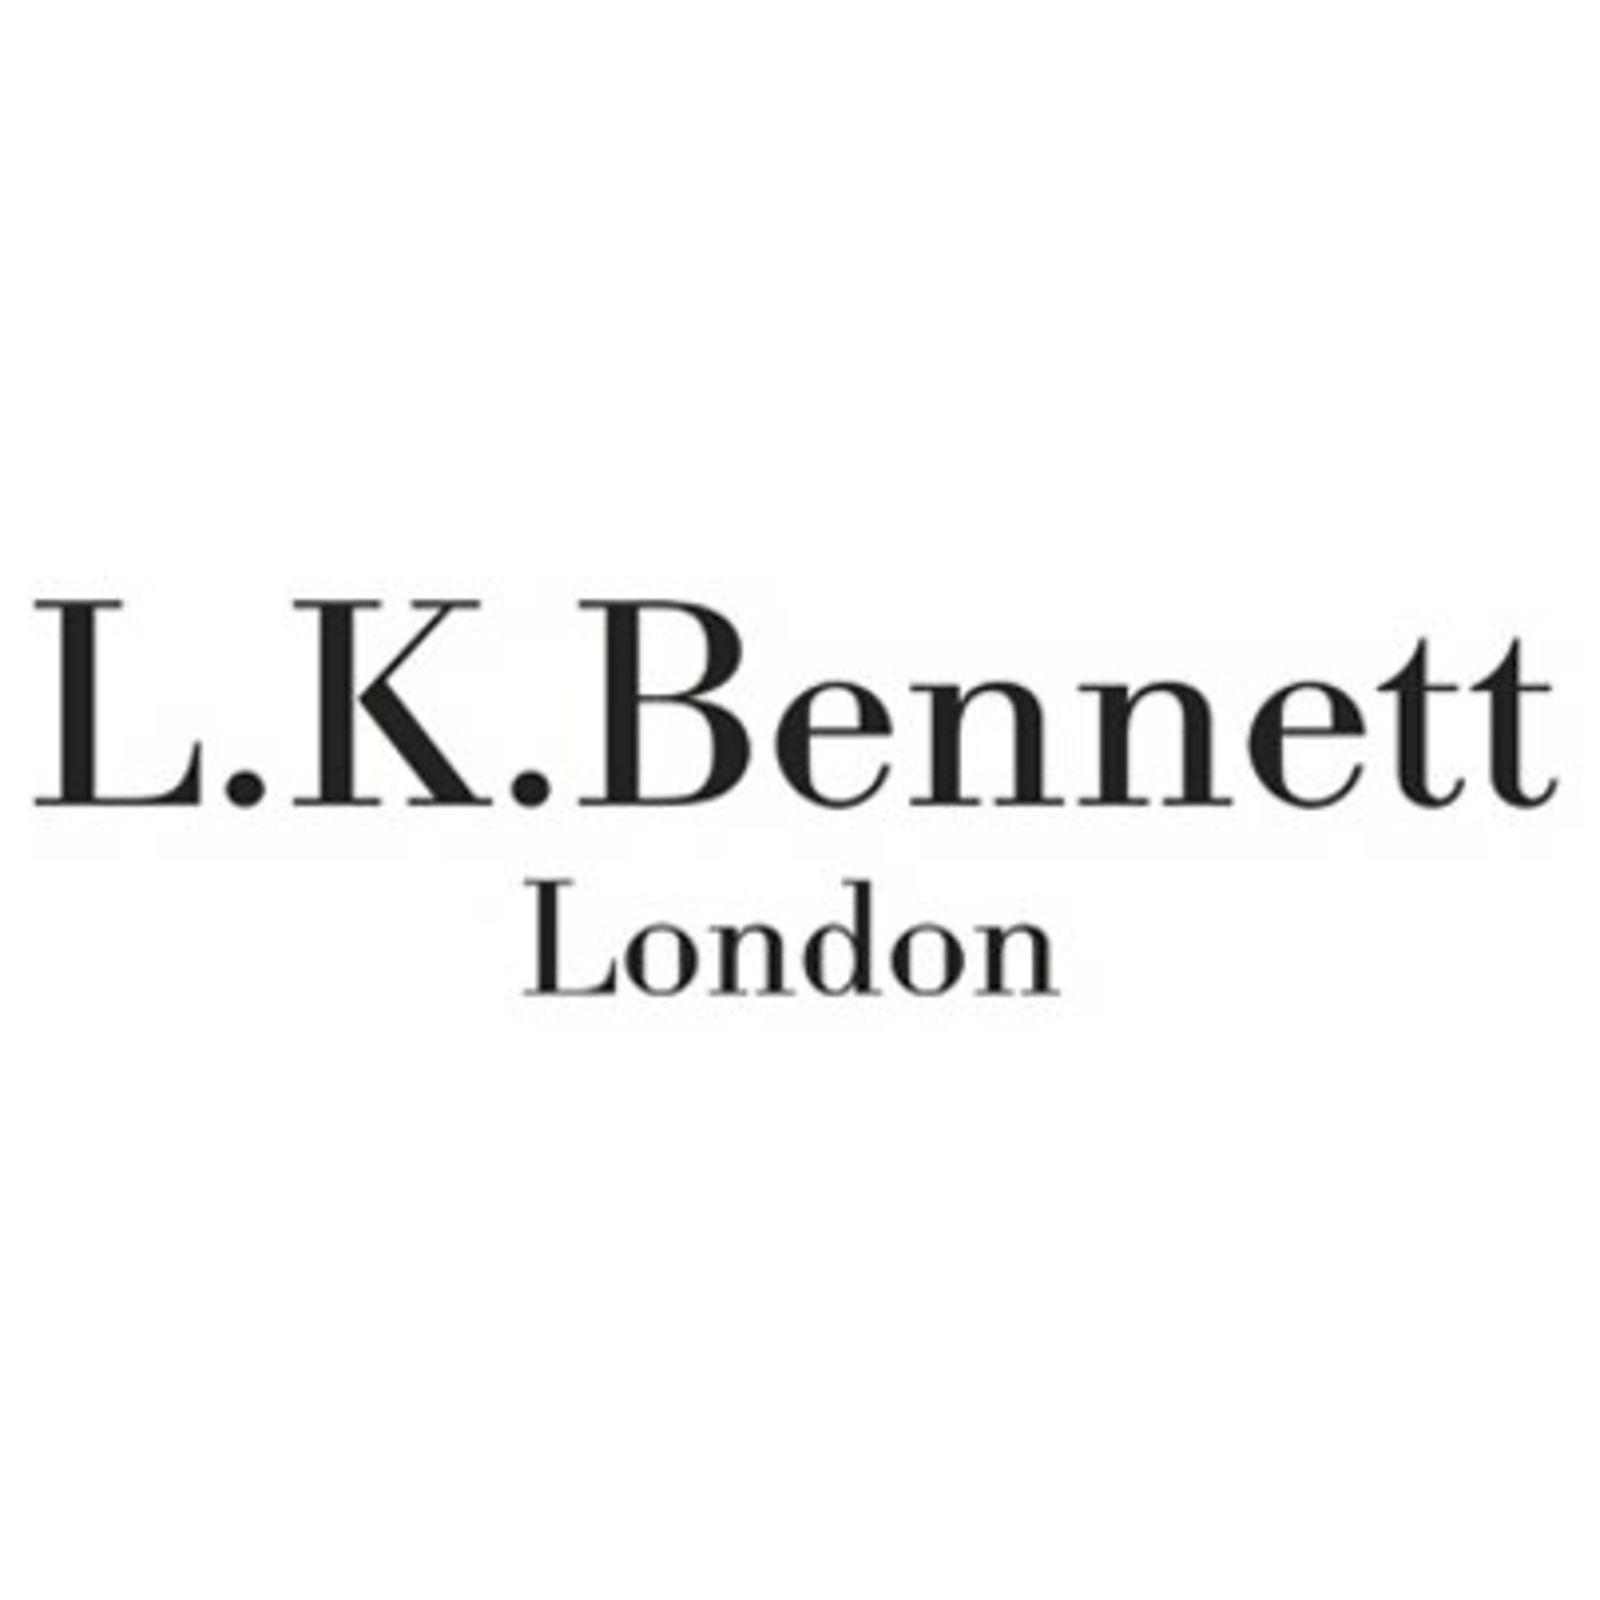 L.K. Bennett London